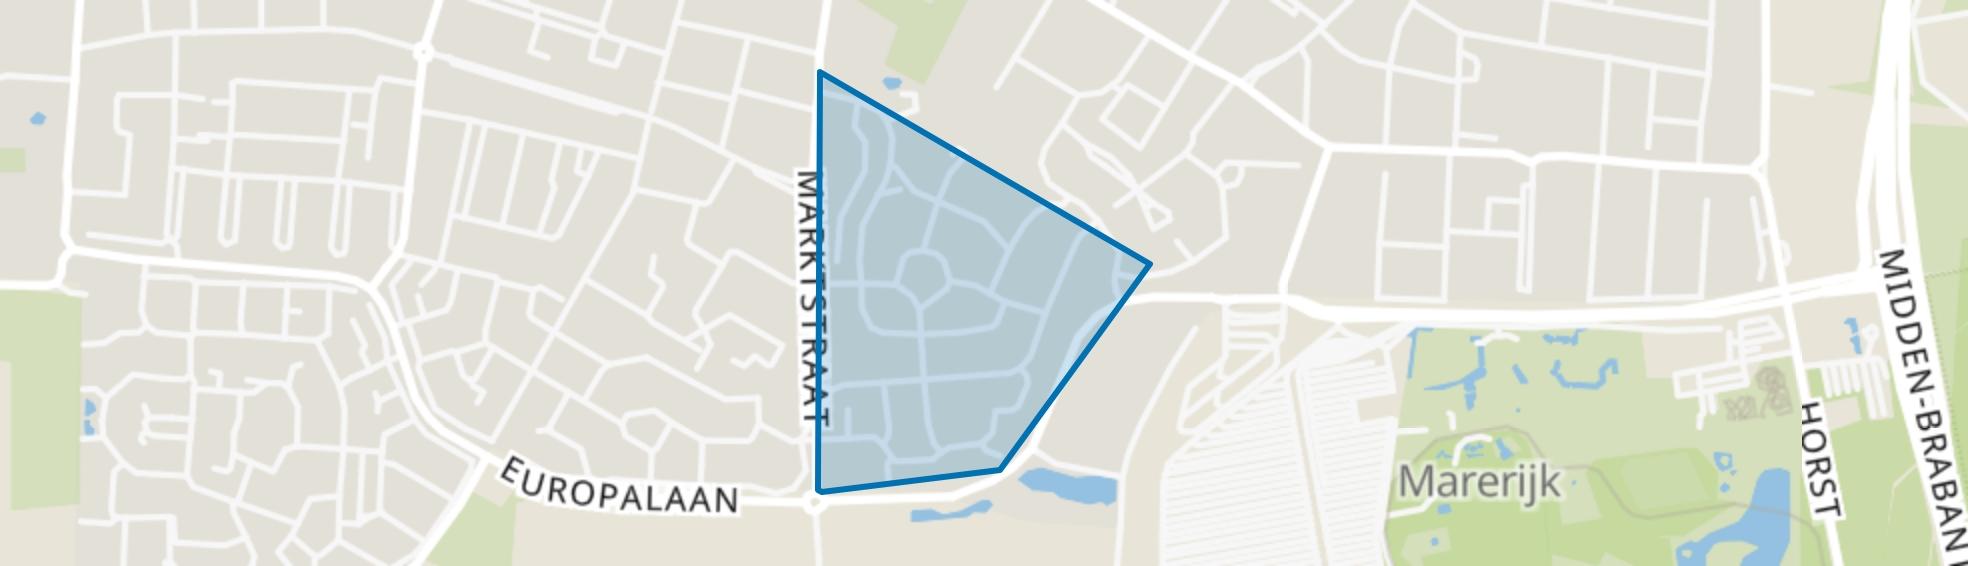 Heikant, Kaatsheuvel map